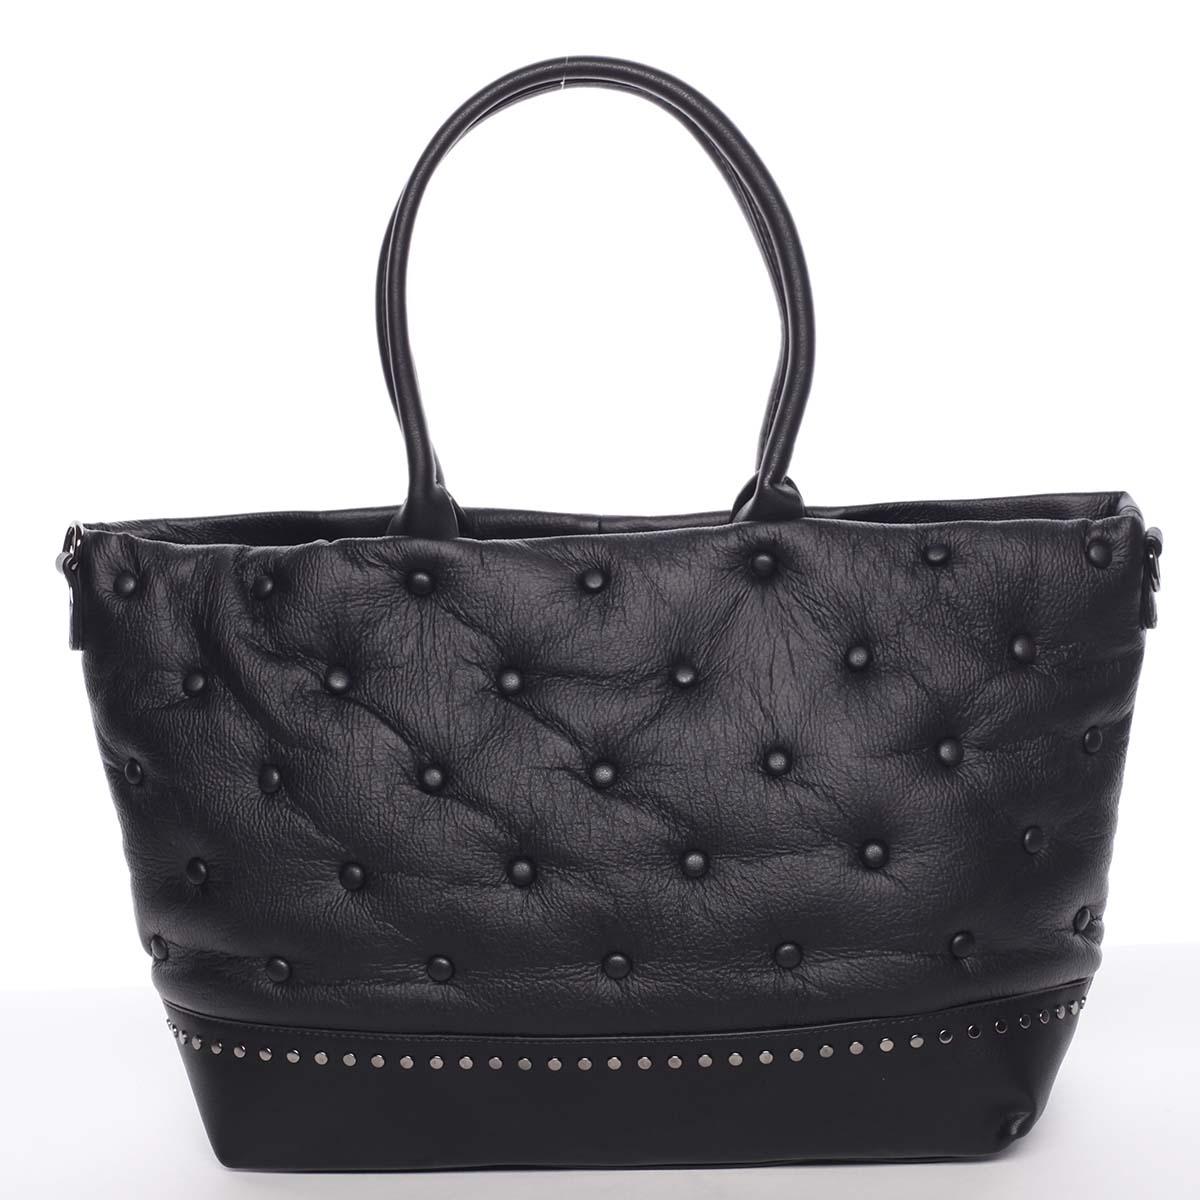 Výstredná čierna dámska kabelka cez rameno - MARIA C Soffa čierna